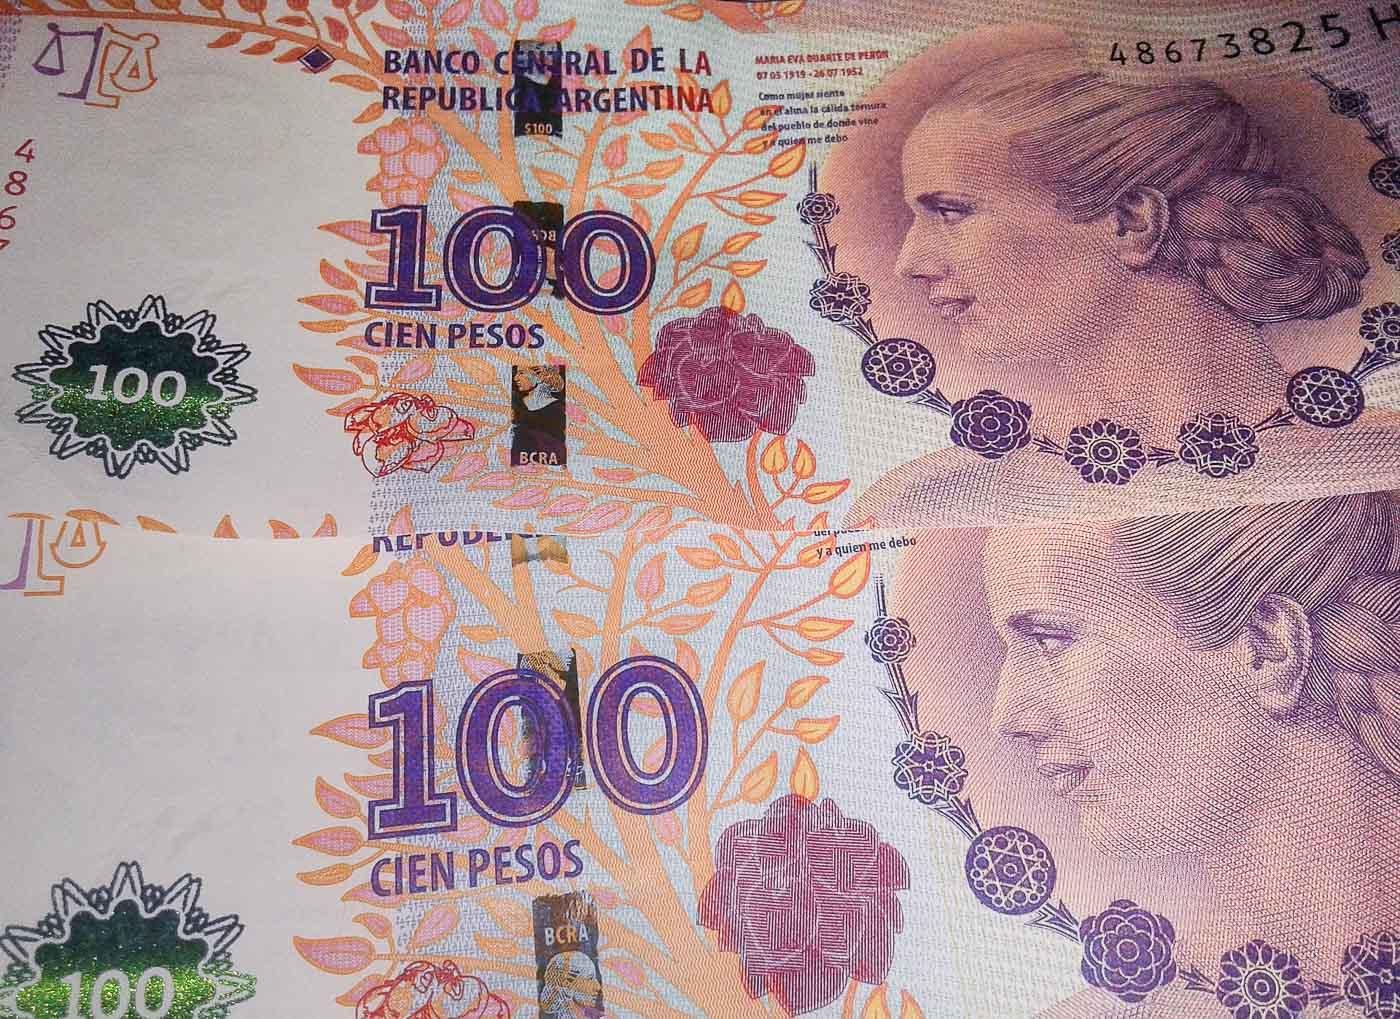 Viagem para Argentina - Peso Argentino